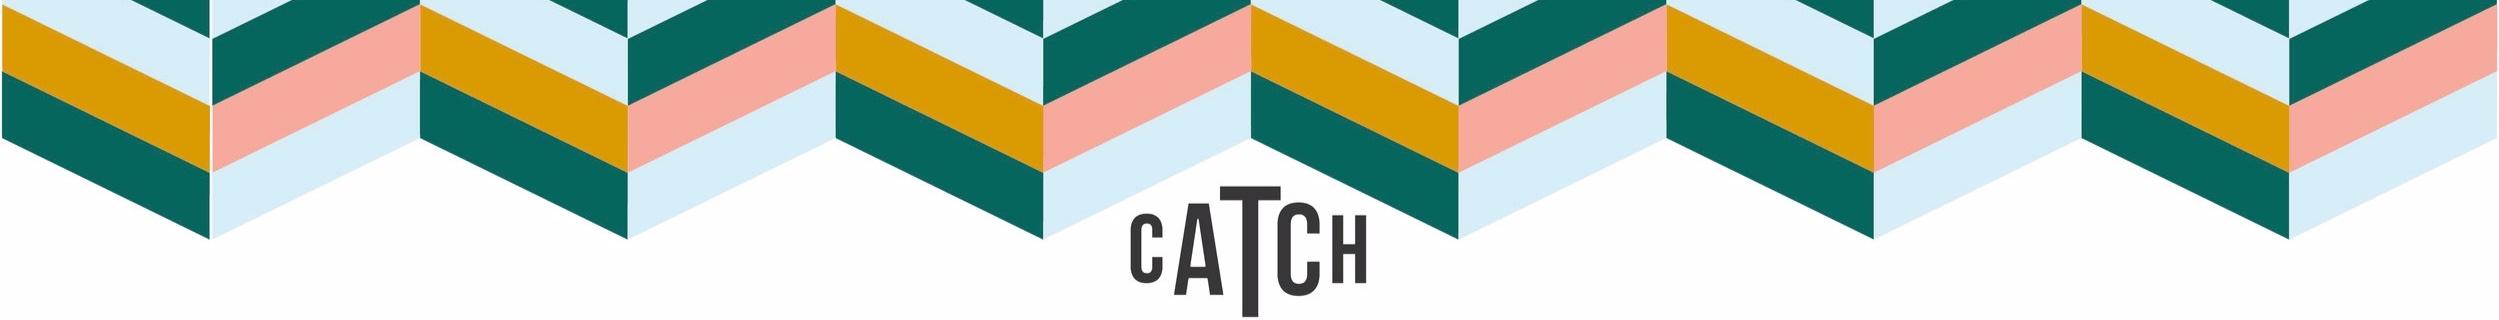 CATCH%2BBRANDING-25.jpg